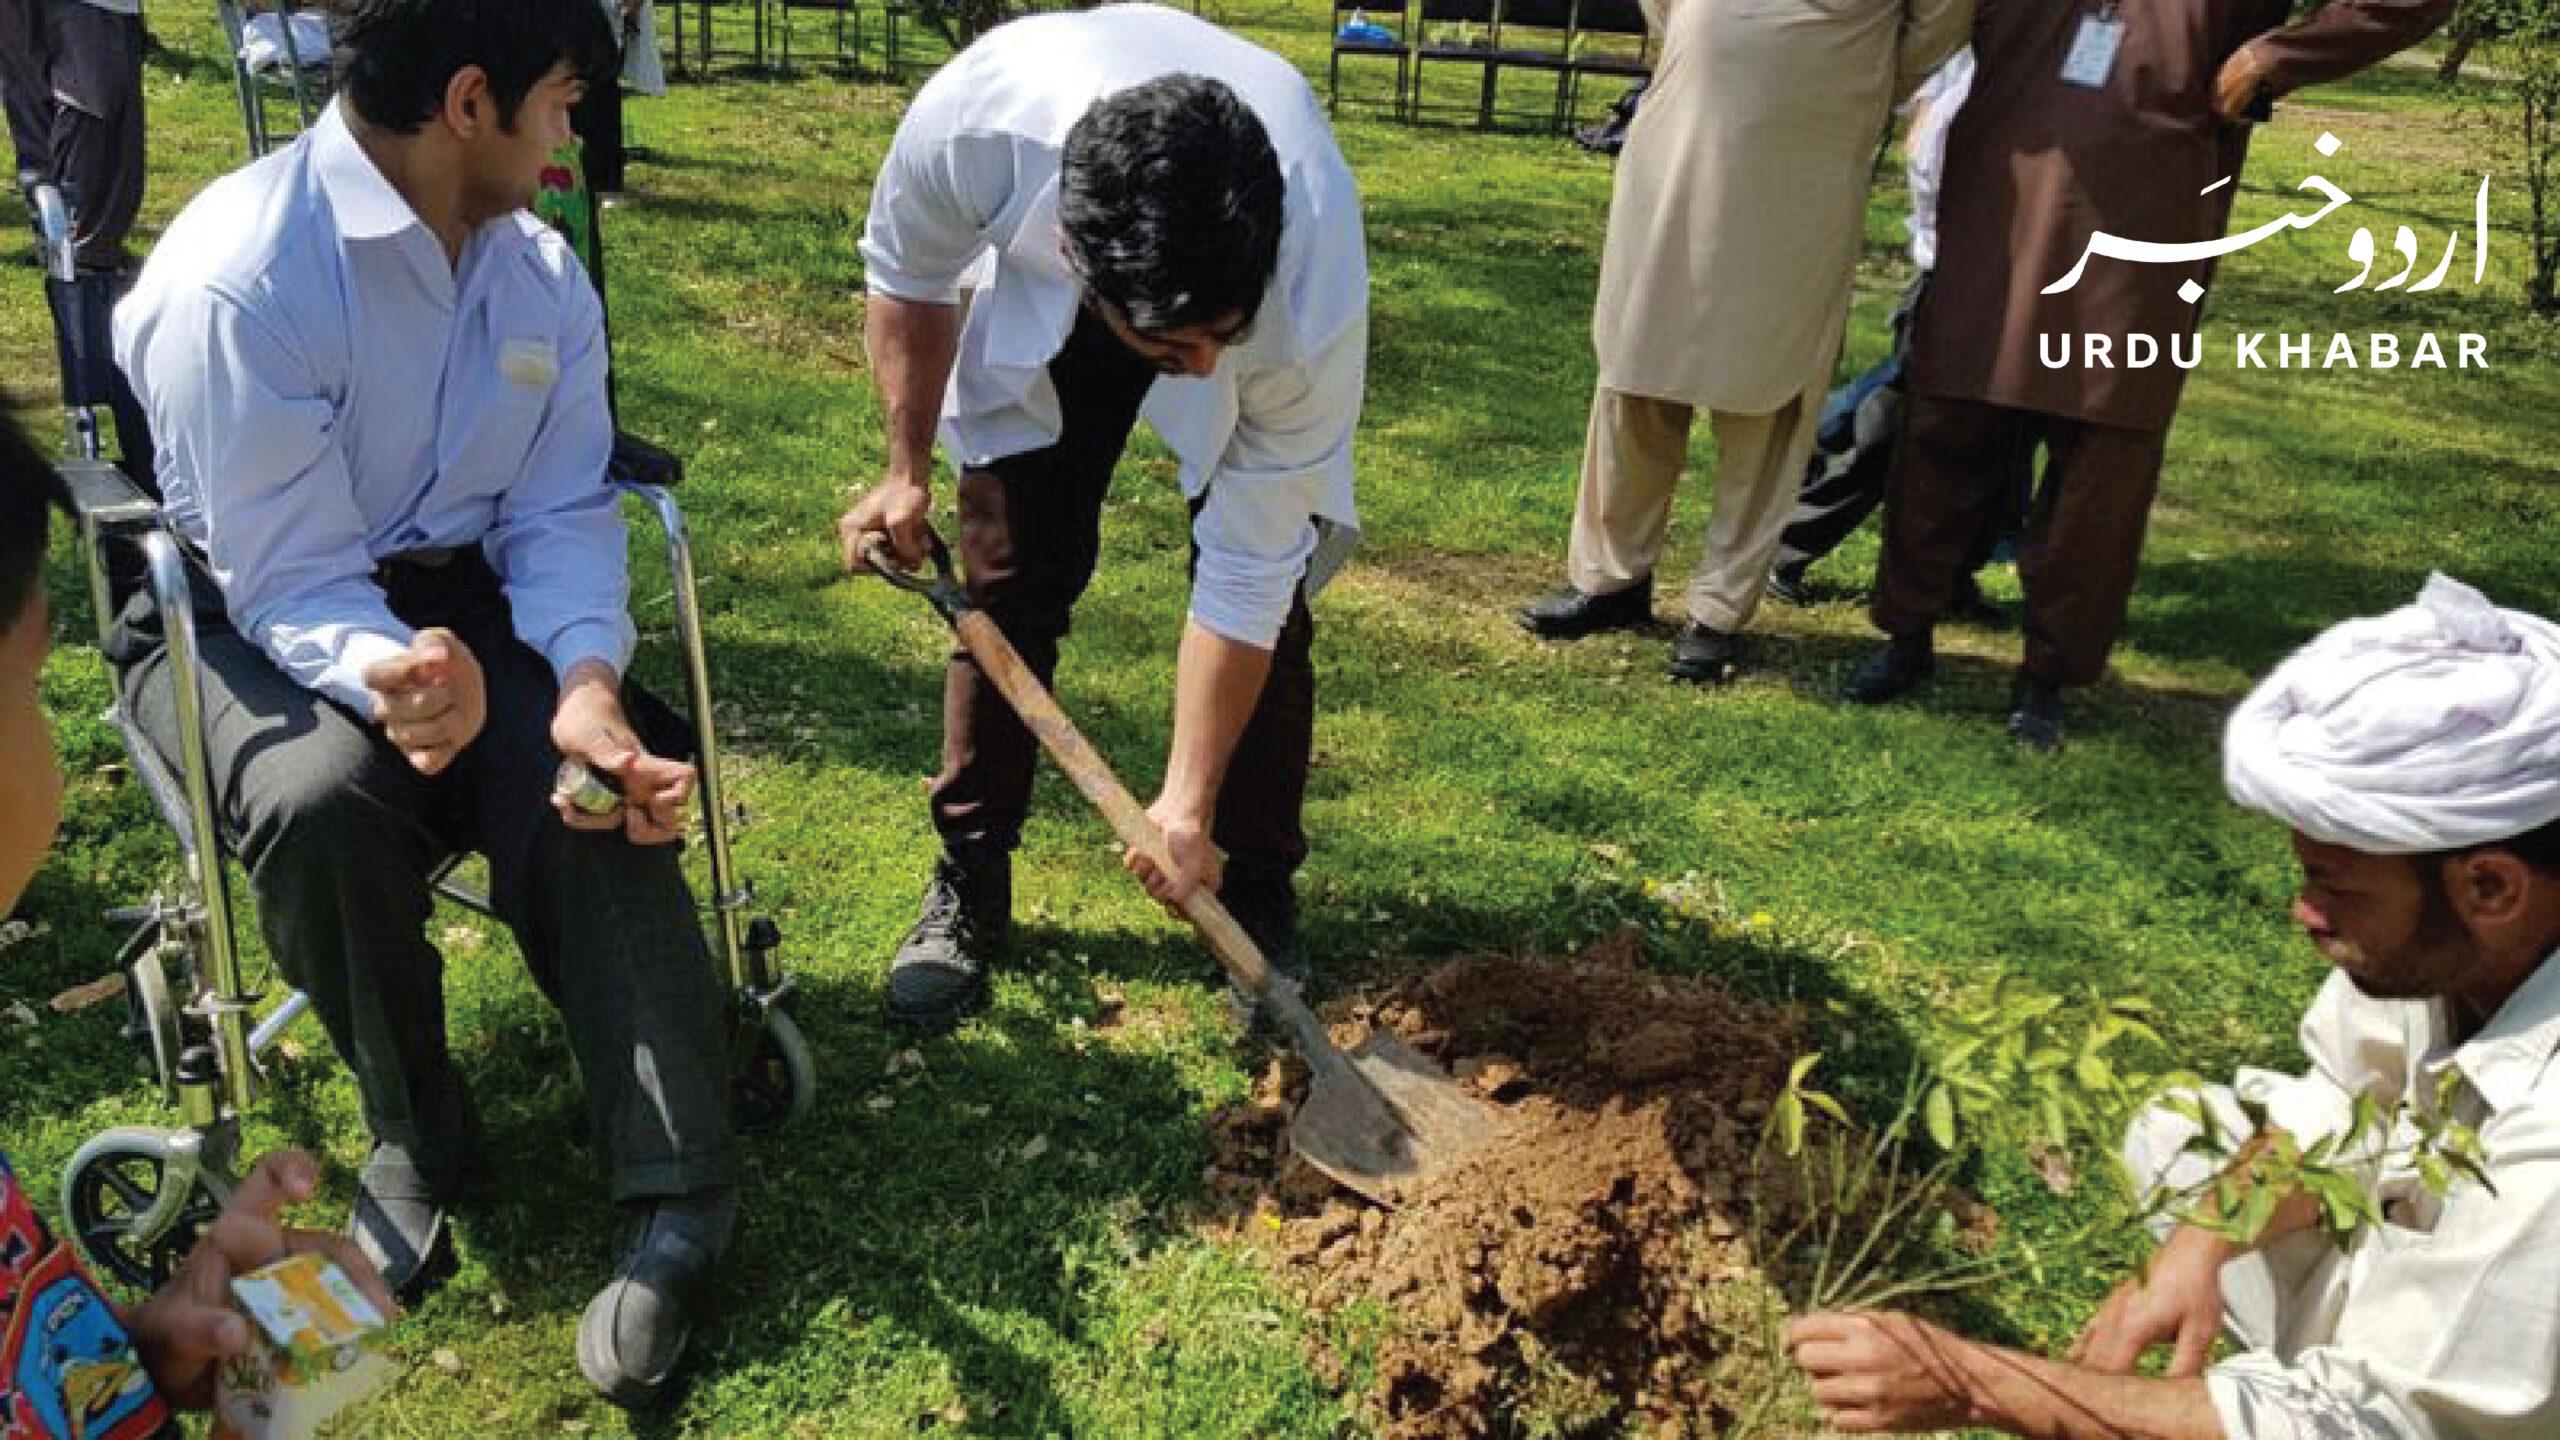 پاکستان نے ایک منٹ میں 50 ہزار پودے لگا کر نیا ورلڈ ریکارڈ قائم کر دیا